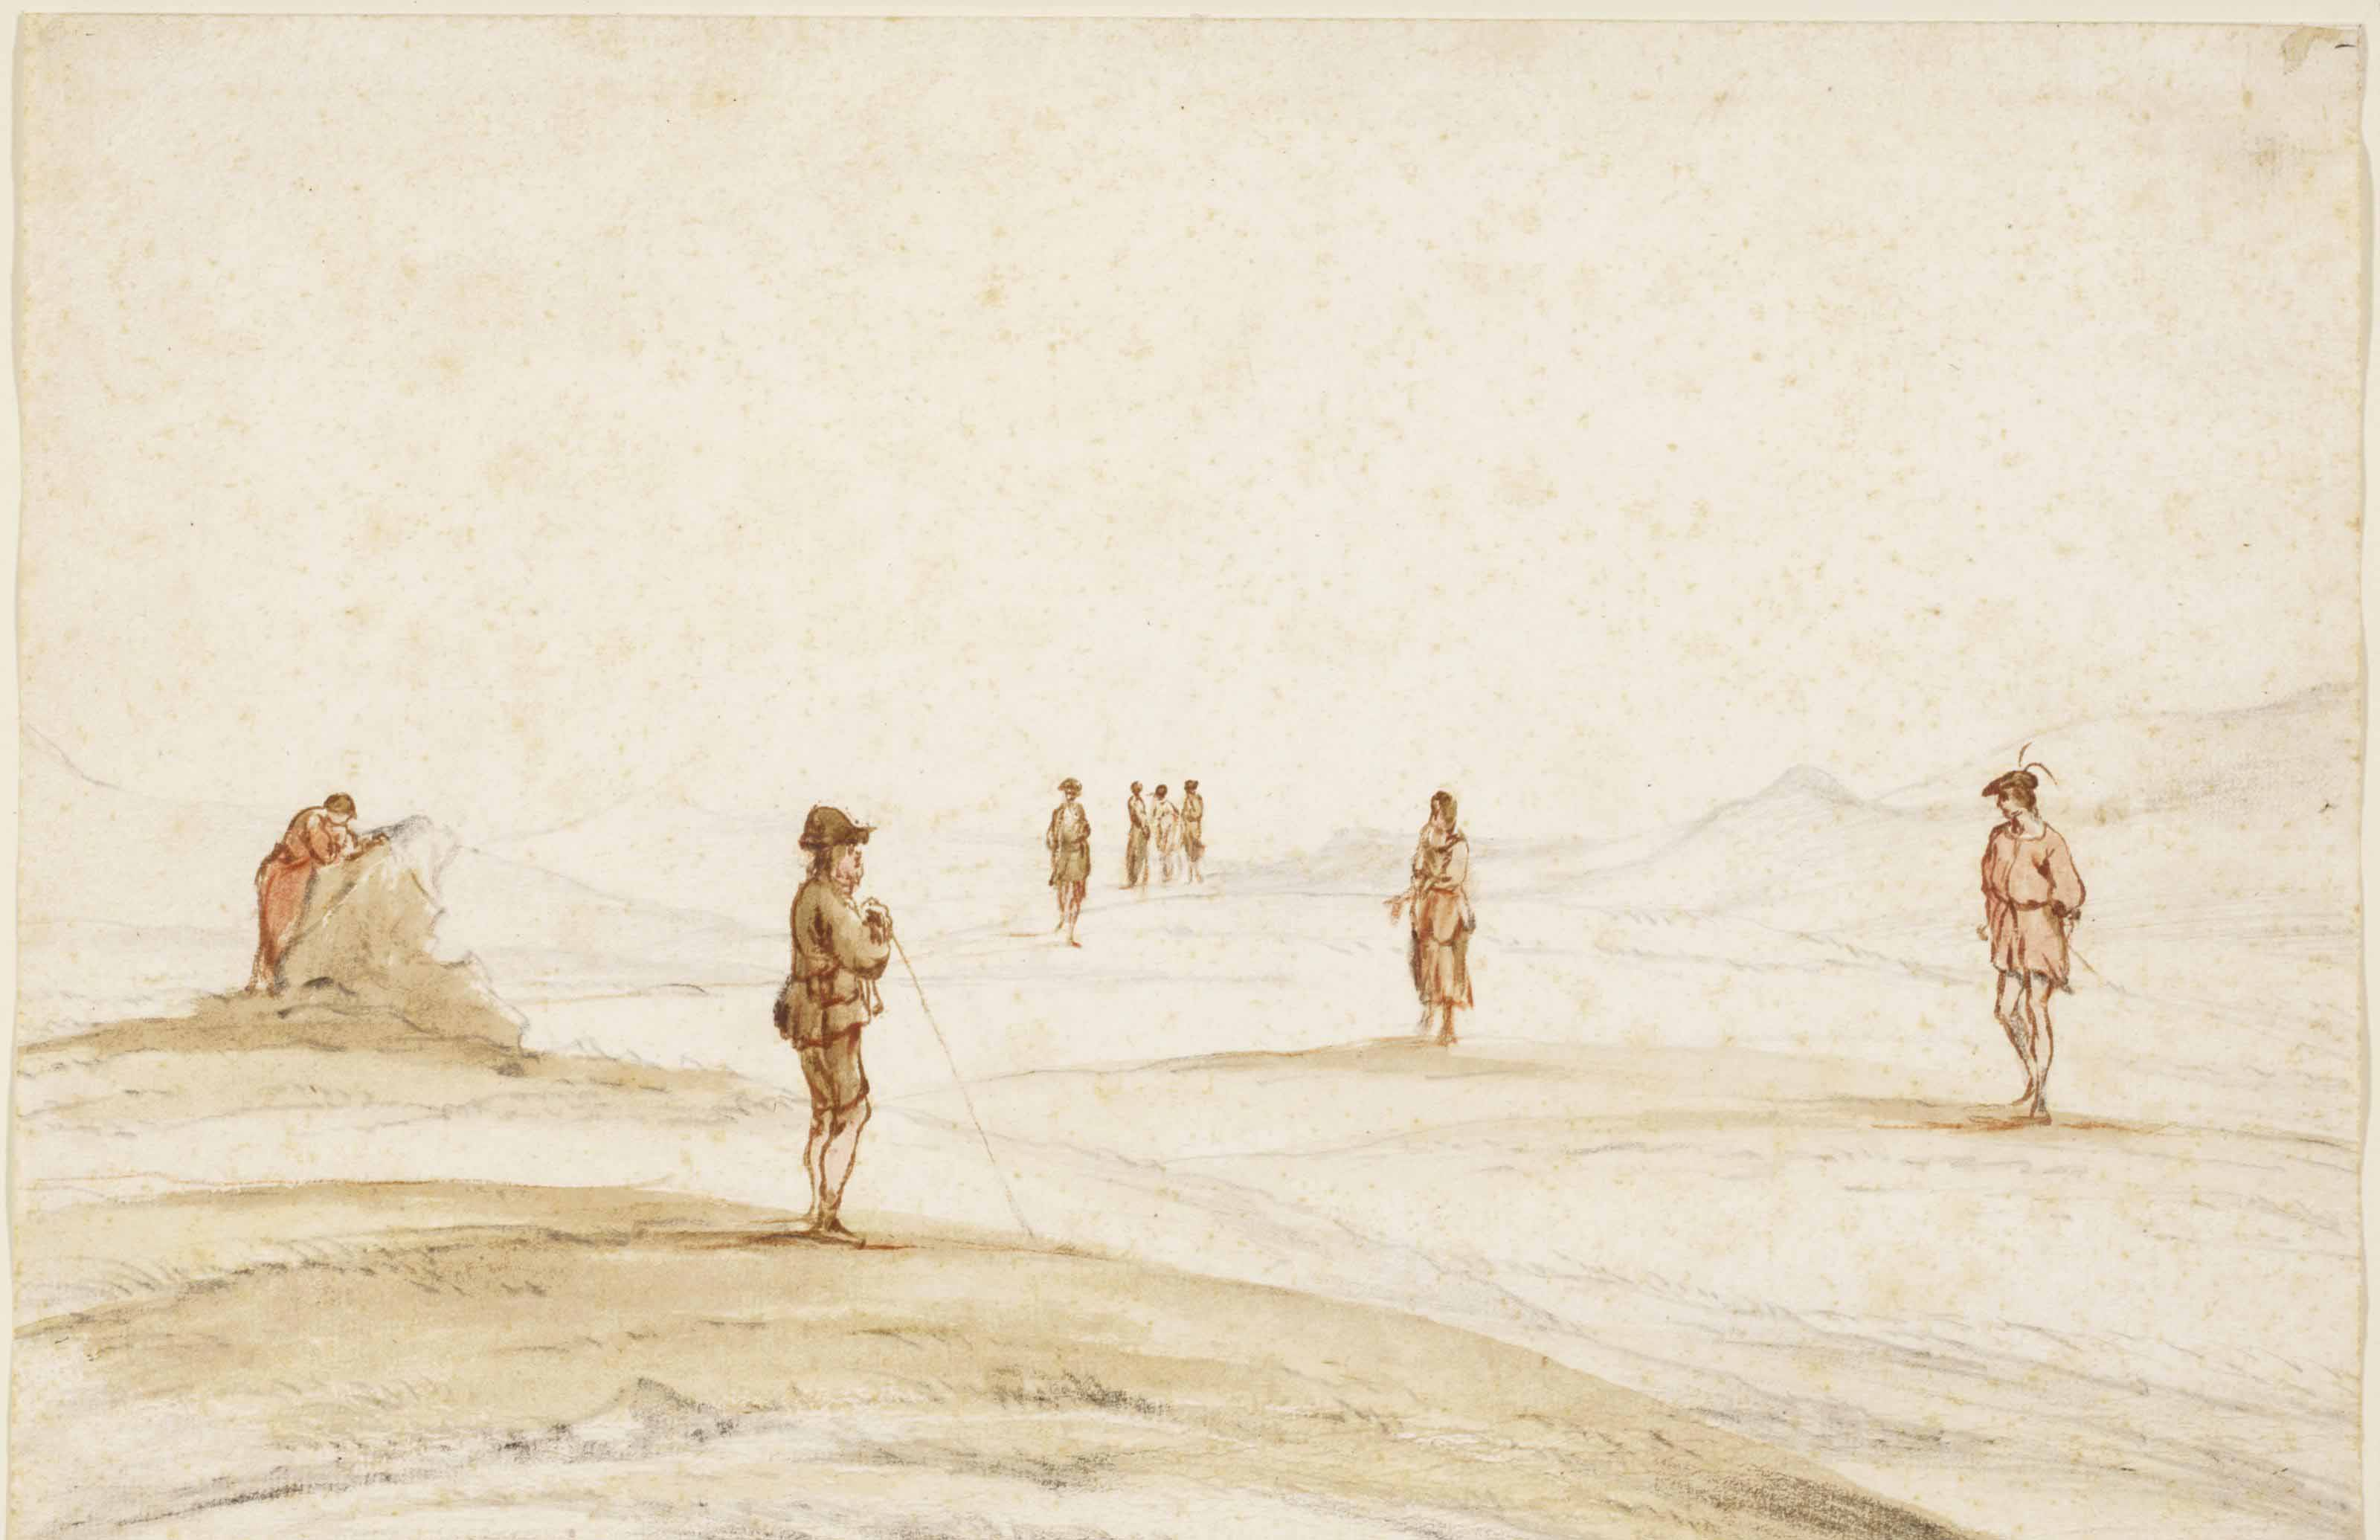 Figures on a beach